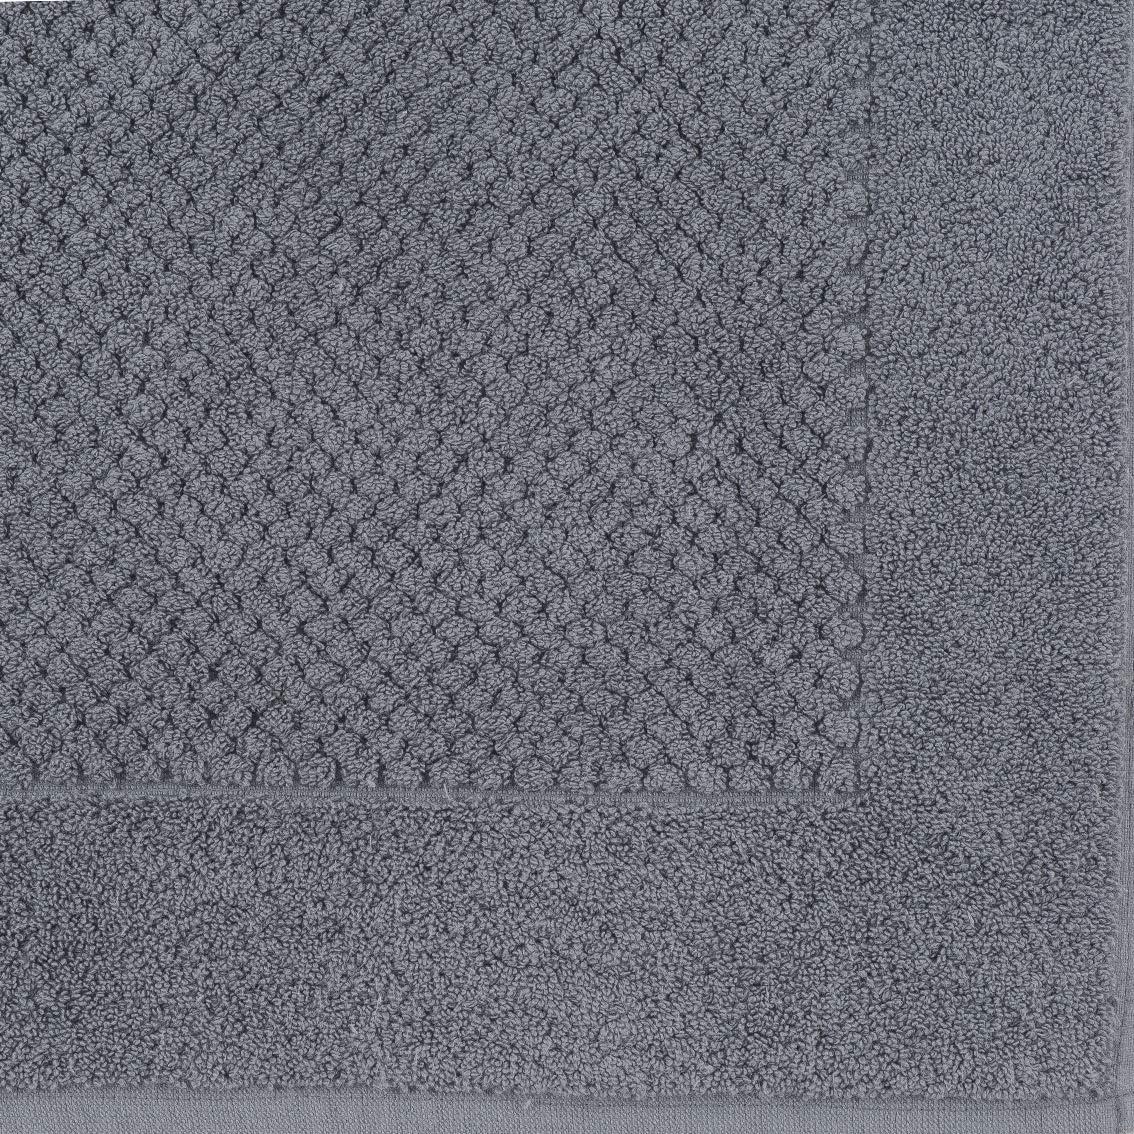 1100 g//m/² extra dicht Hellgr/ün Bademayer Badematte 48 x 80 cm Duschvorleger Fu/ßmatte aus 100/% Gek/ämmter Brasilianischer Baumwolle saugstark und fusselfrei